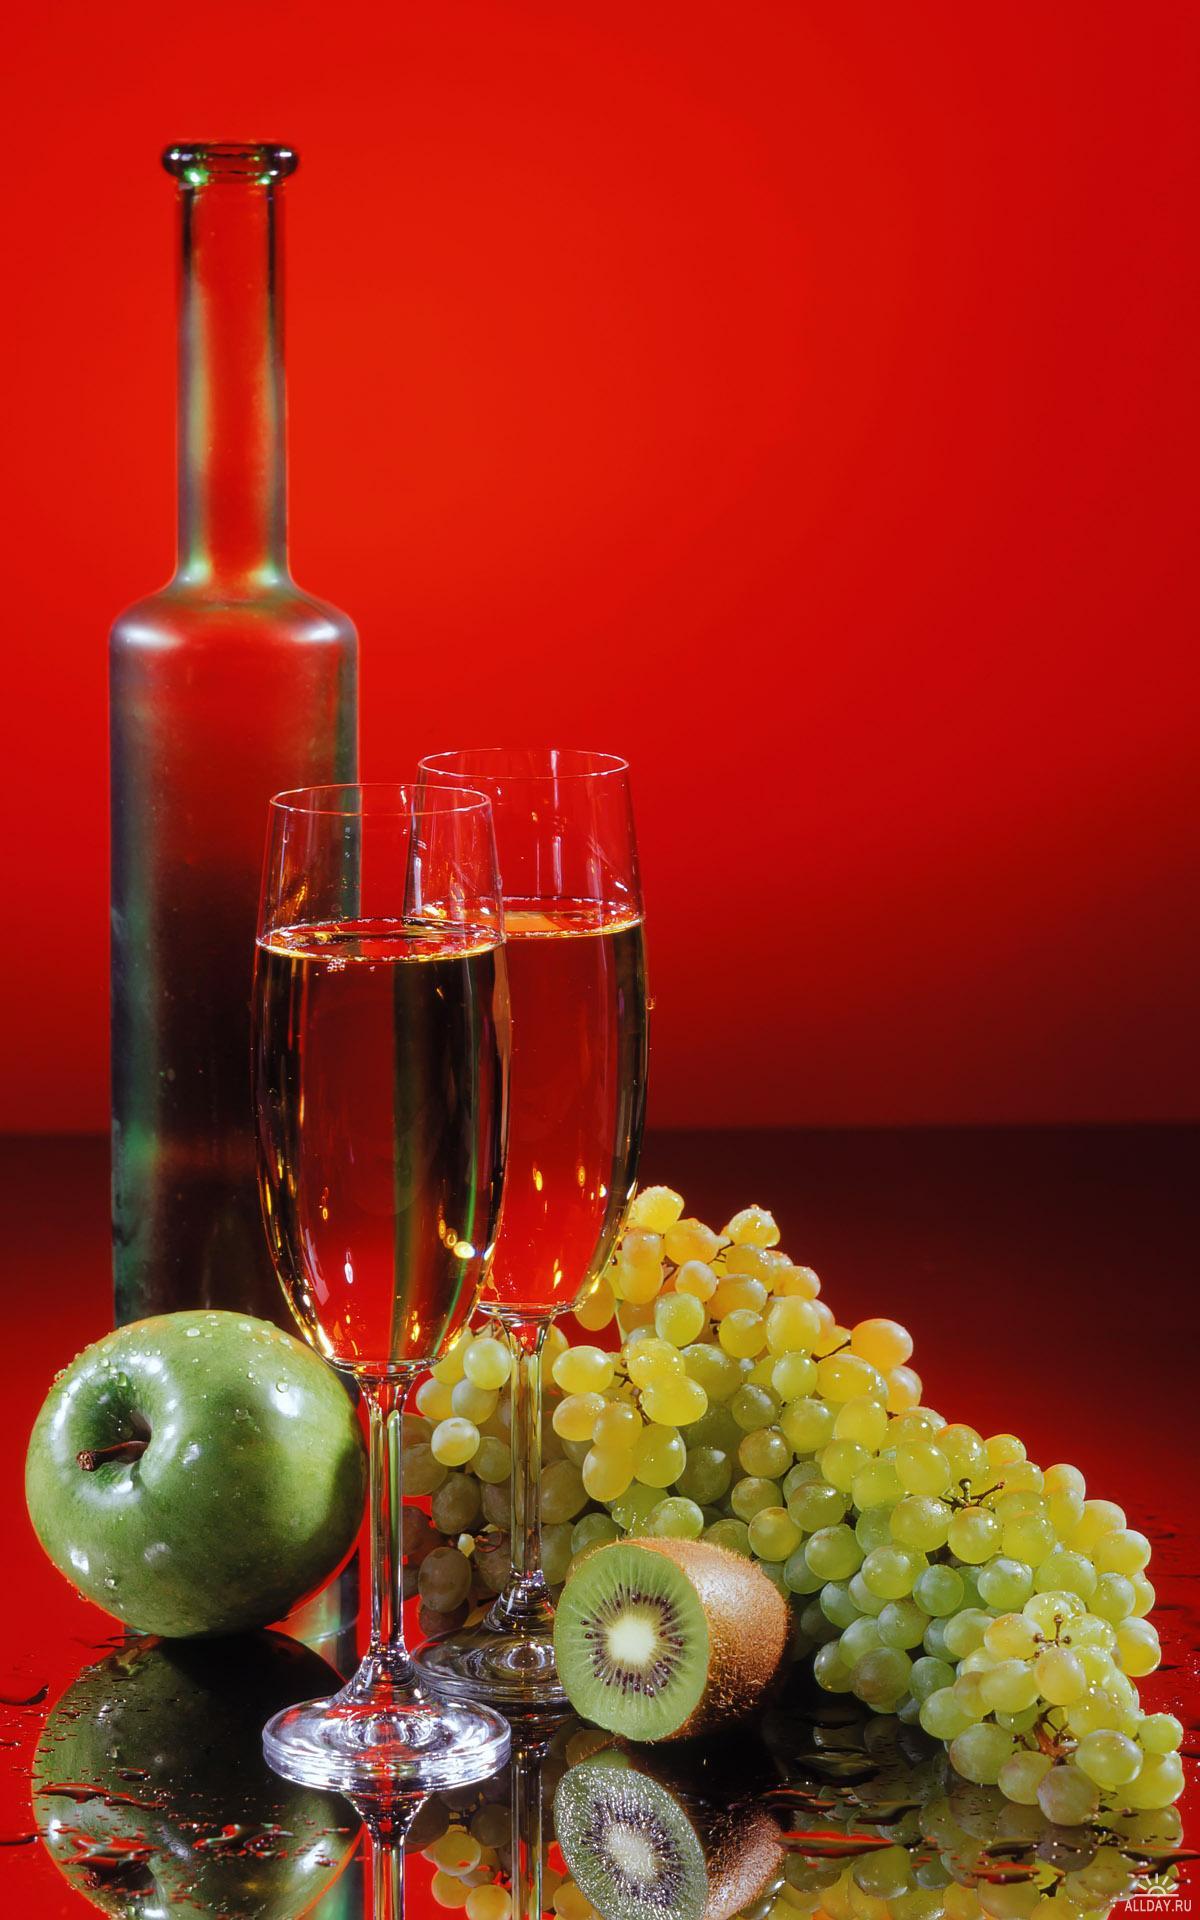 натюрморт, вино, виноград, бутылка вина, скачать фото